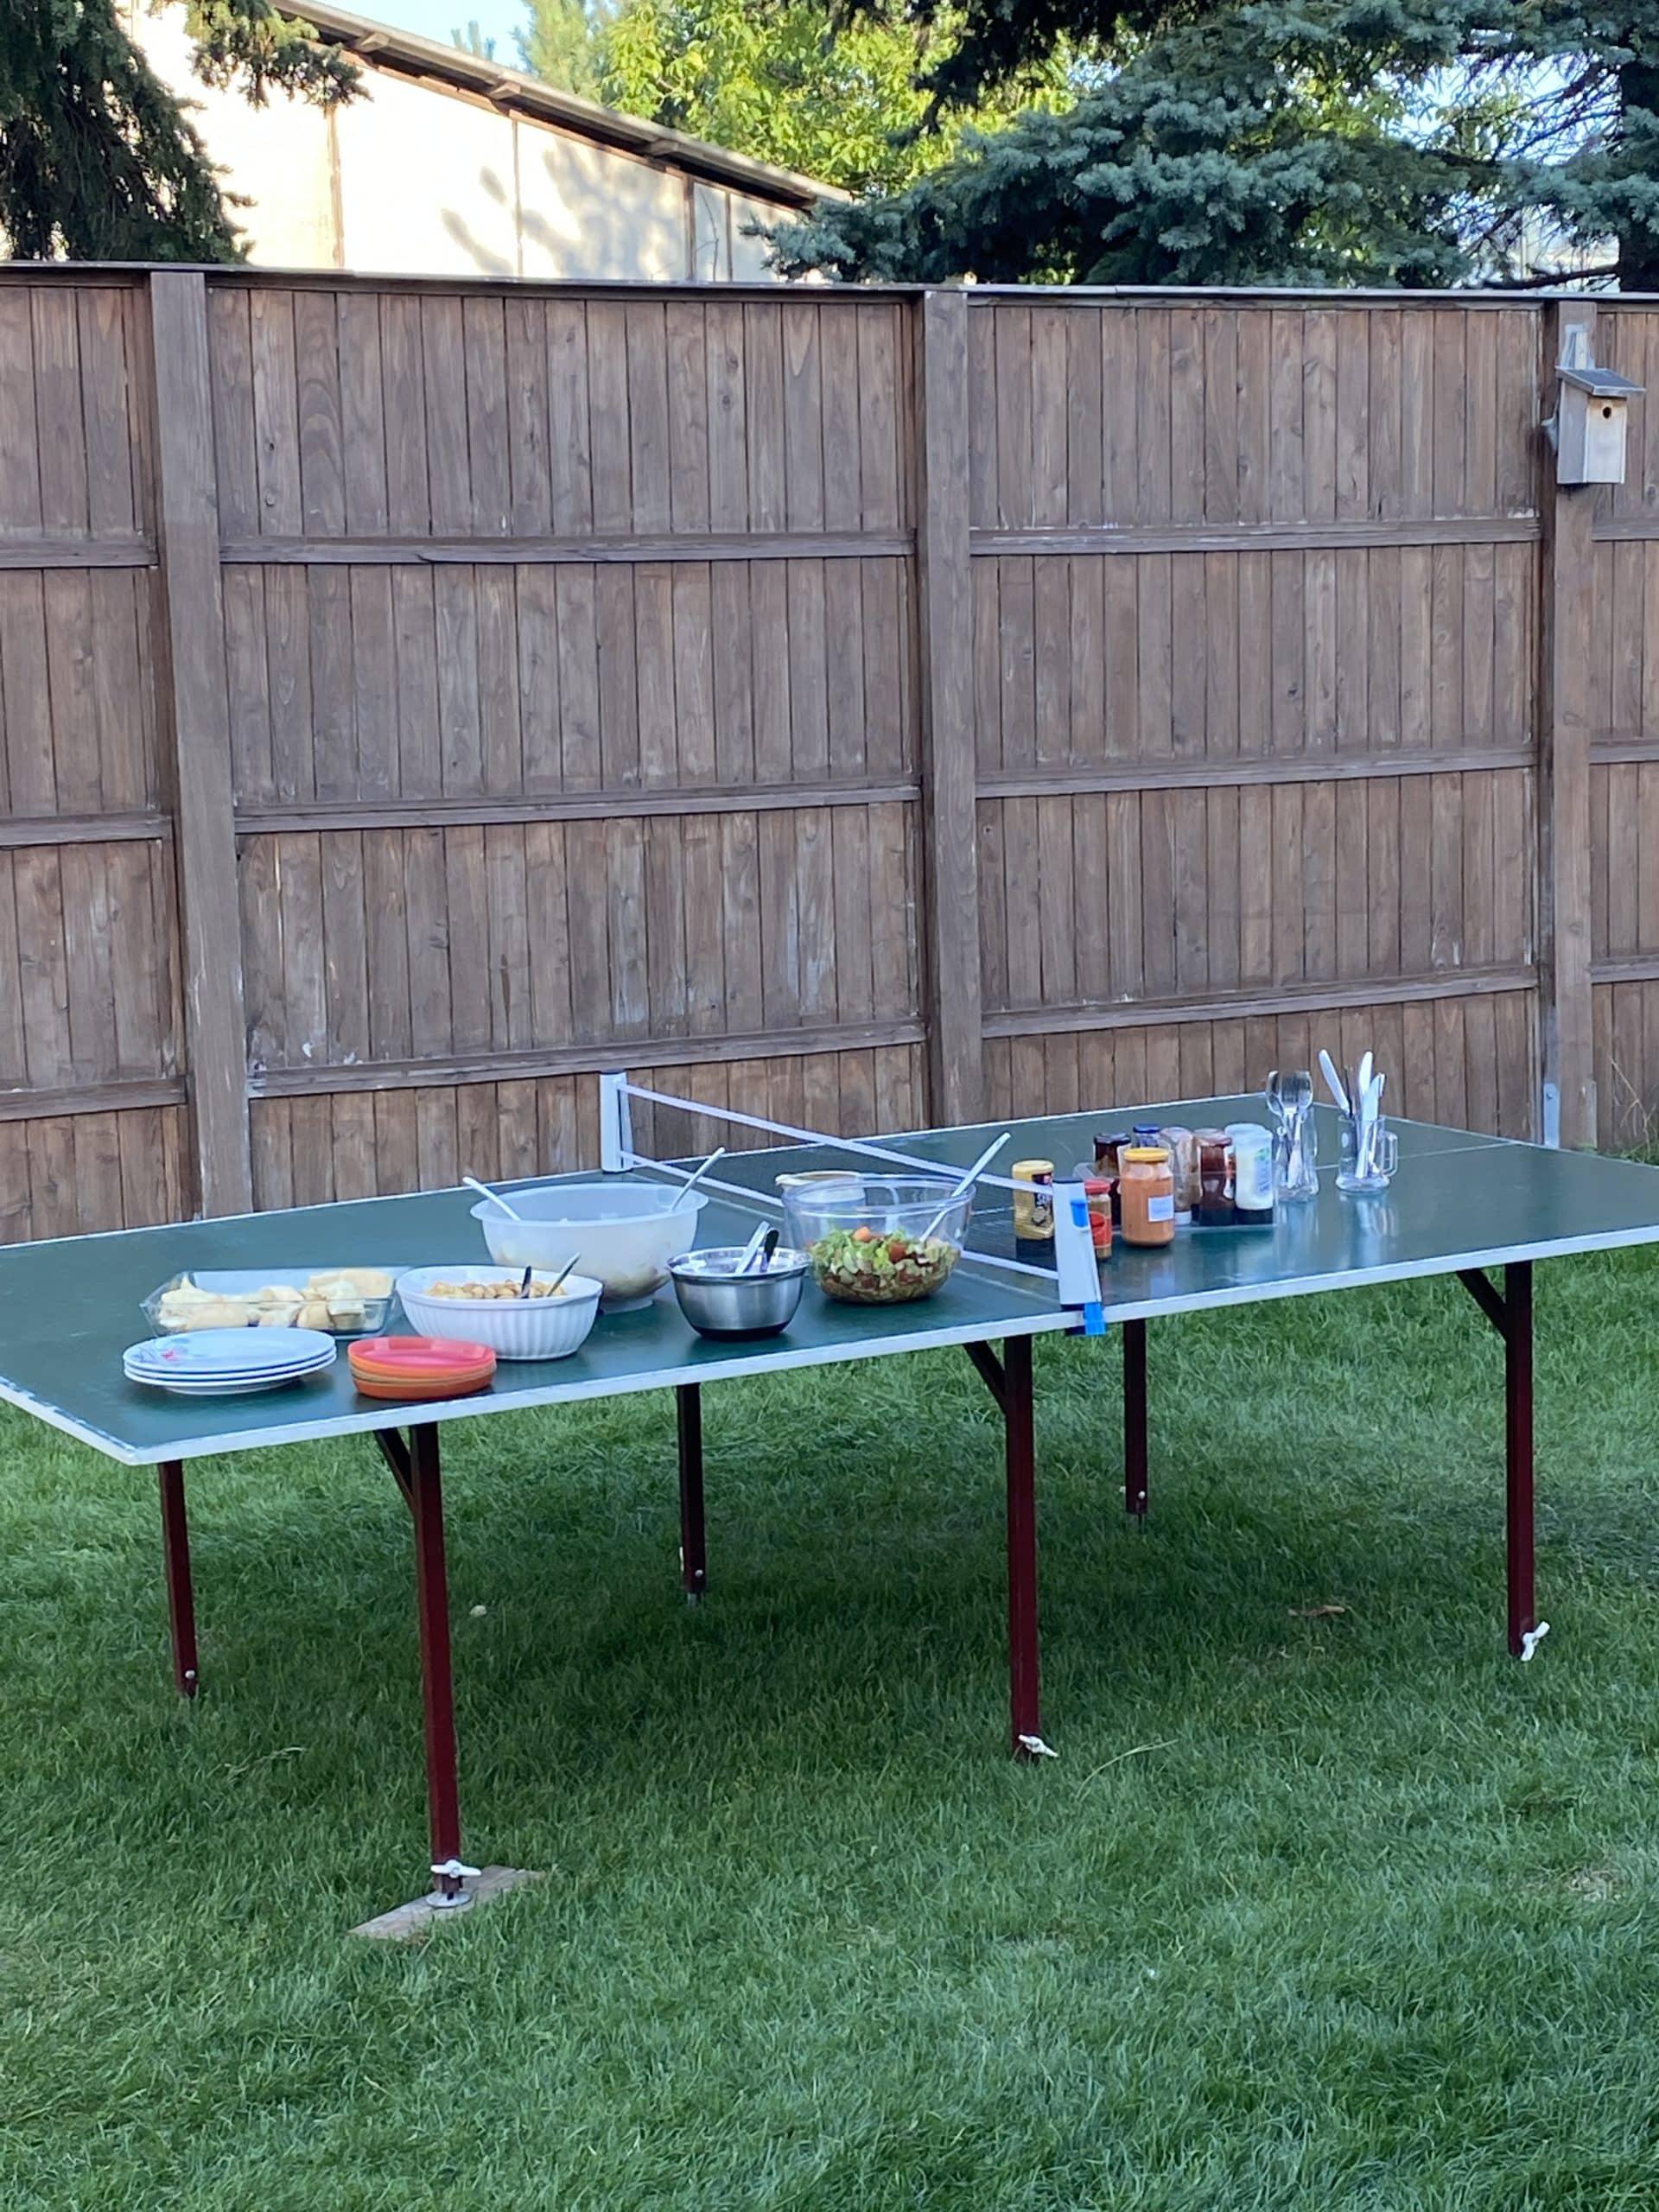 Am Nachmittag kommt die Familie und wir picknicken im Garten.